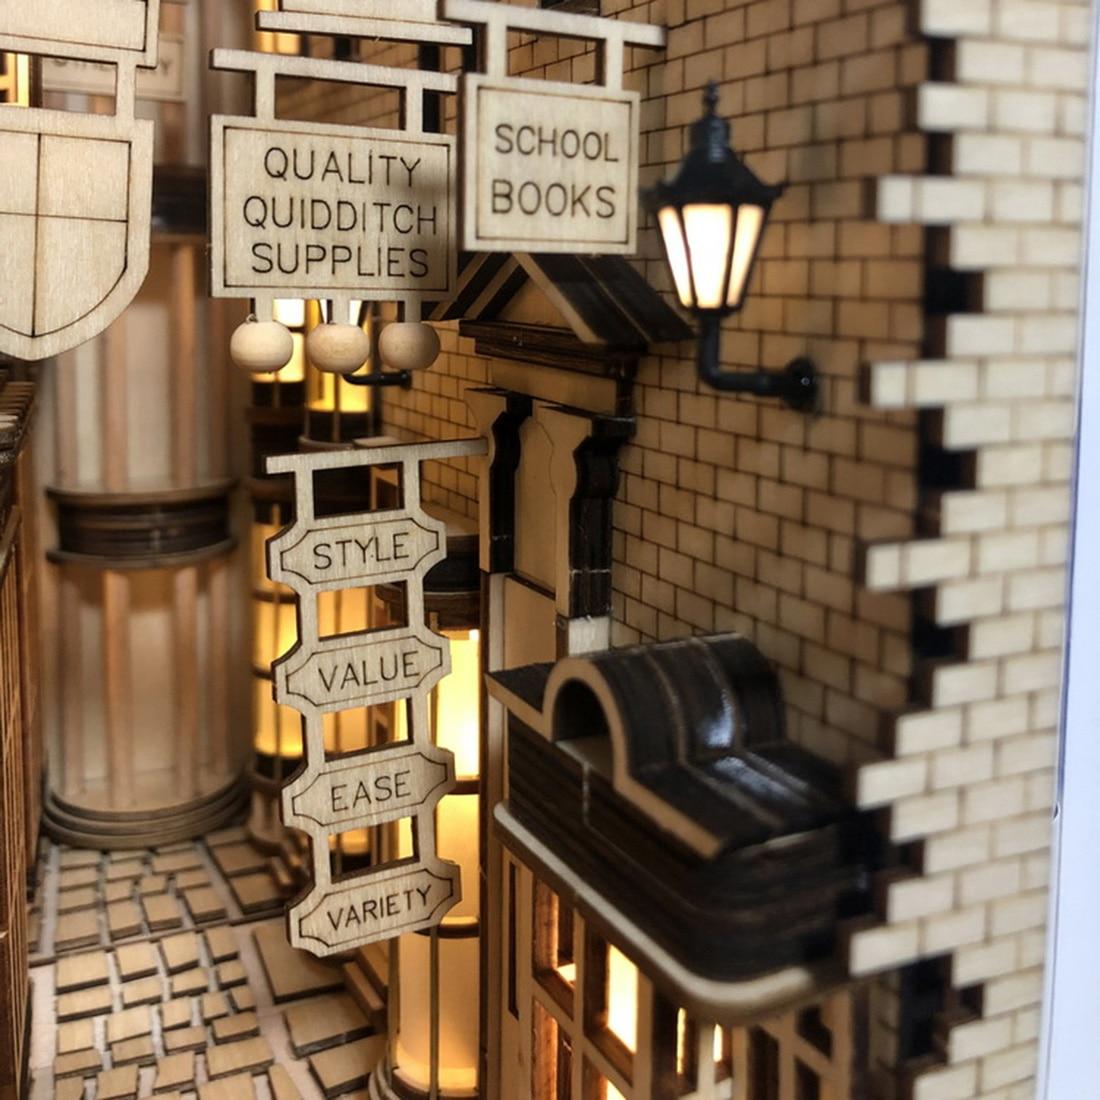 Hf032979bec374b2a90460736d33f3587k - Robotime - DIY Models, DIY Miniature Houses, 3d Wooden Puzzle